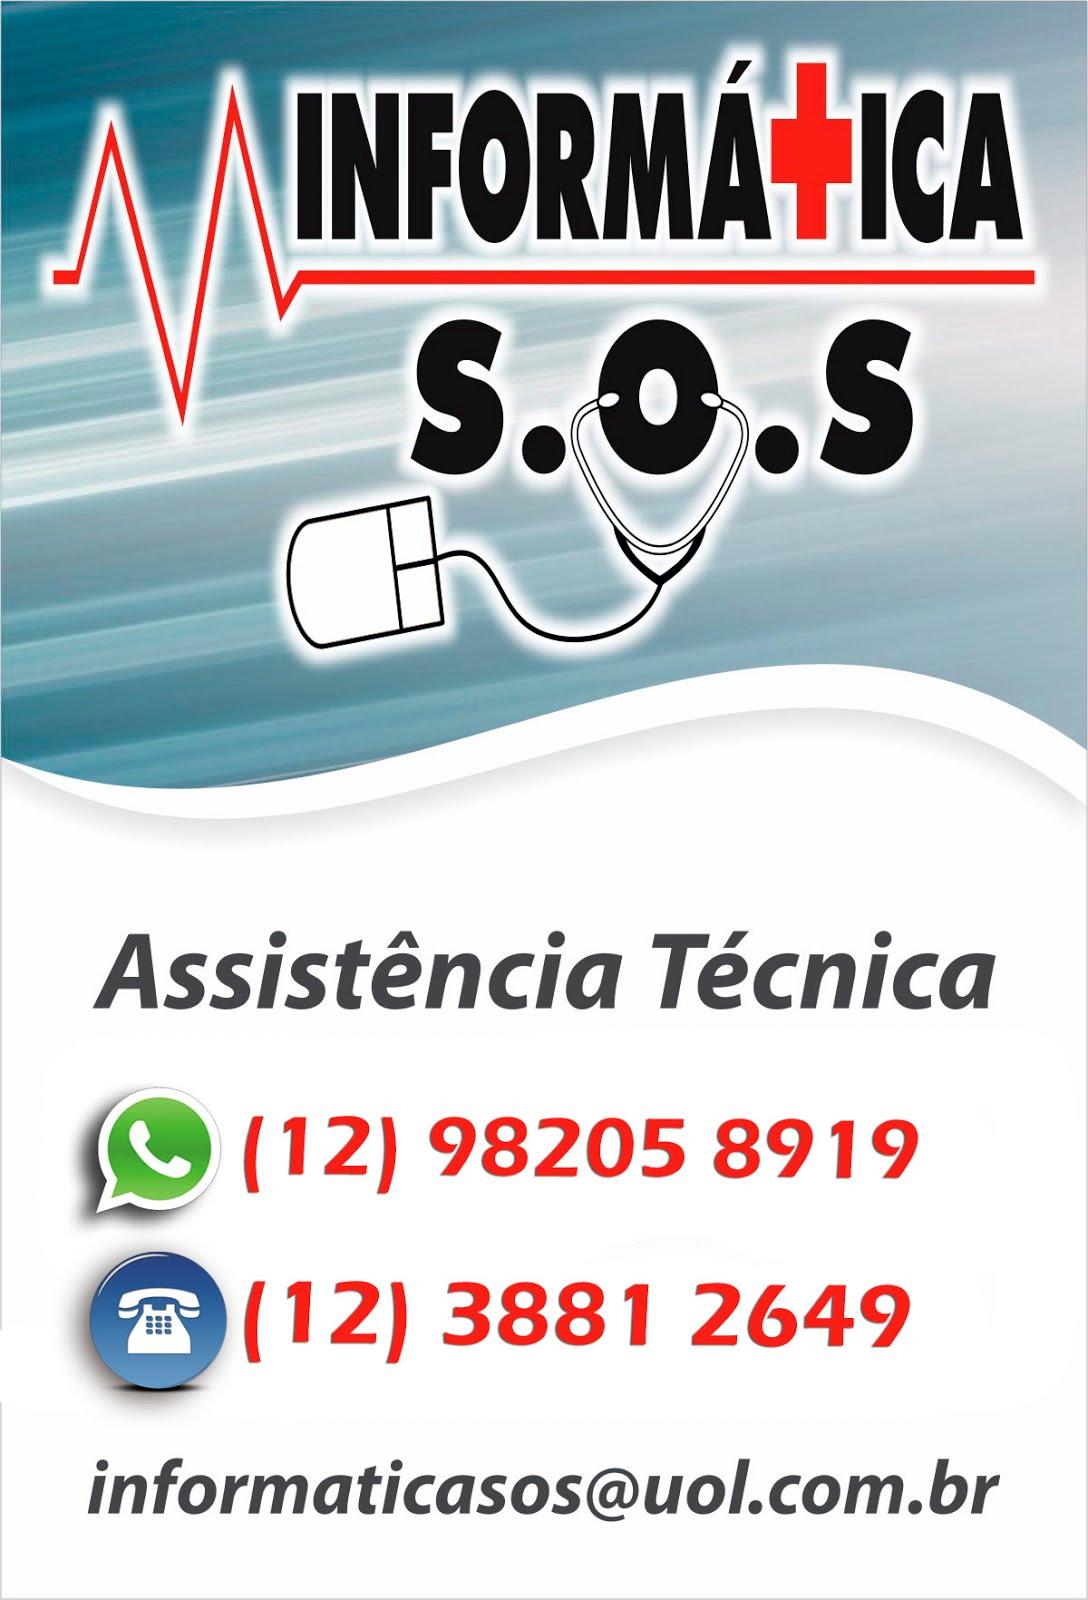 TEL - (12) 3881-2649